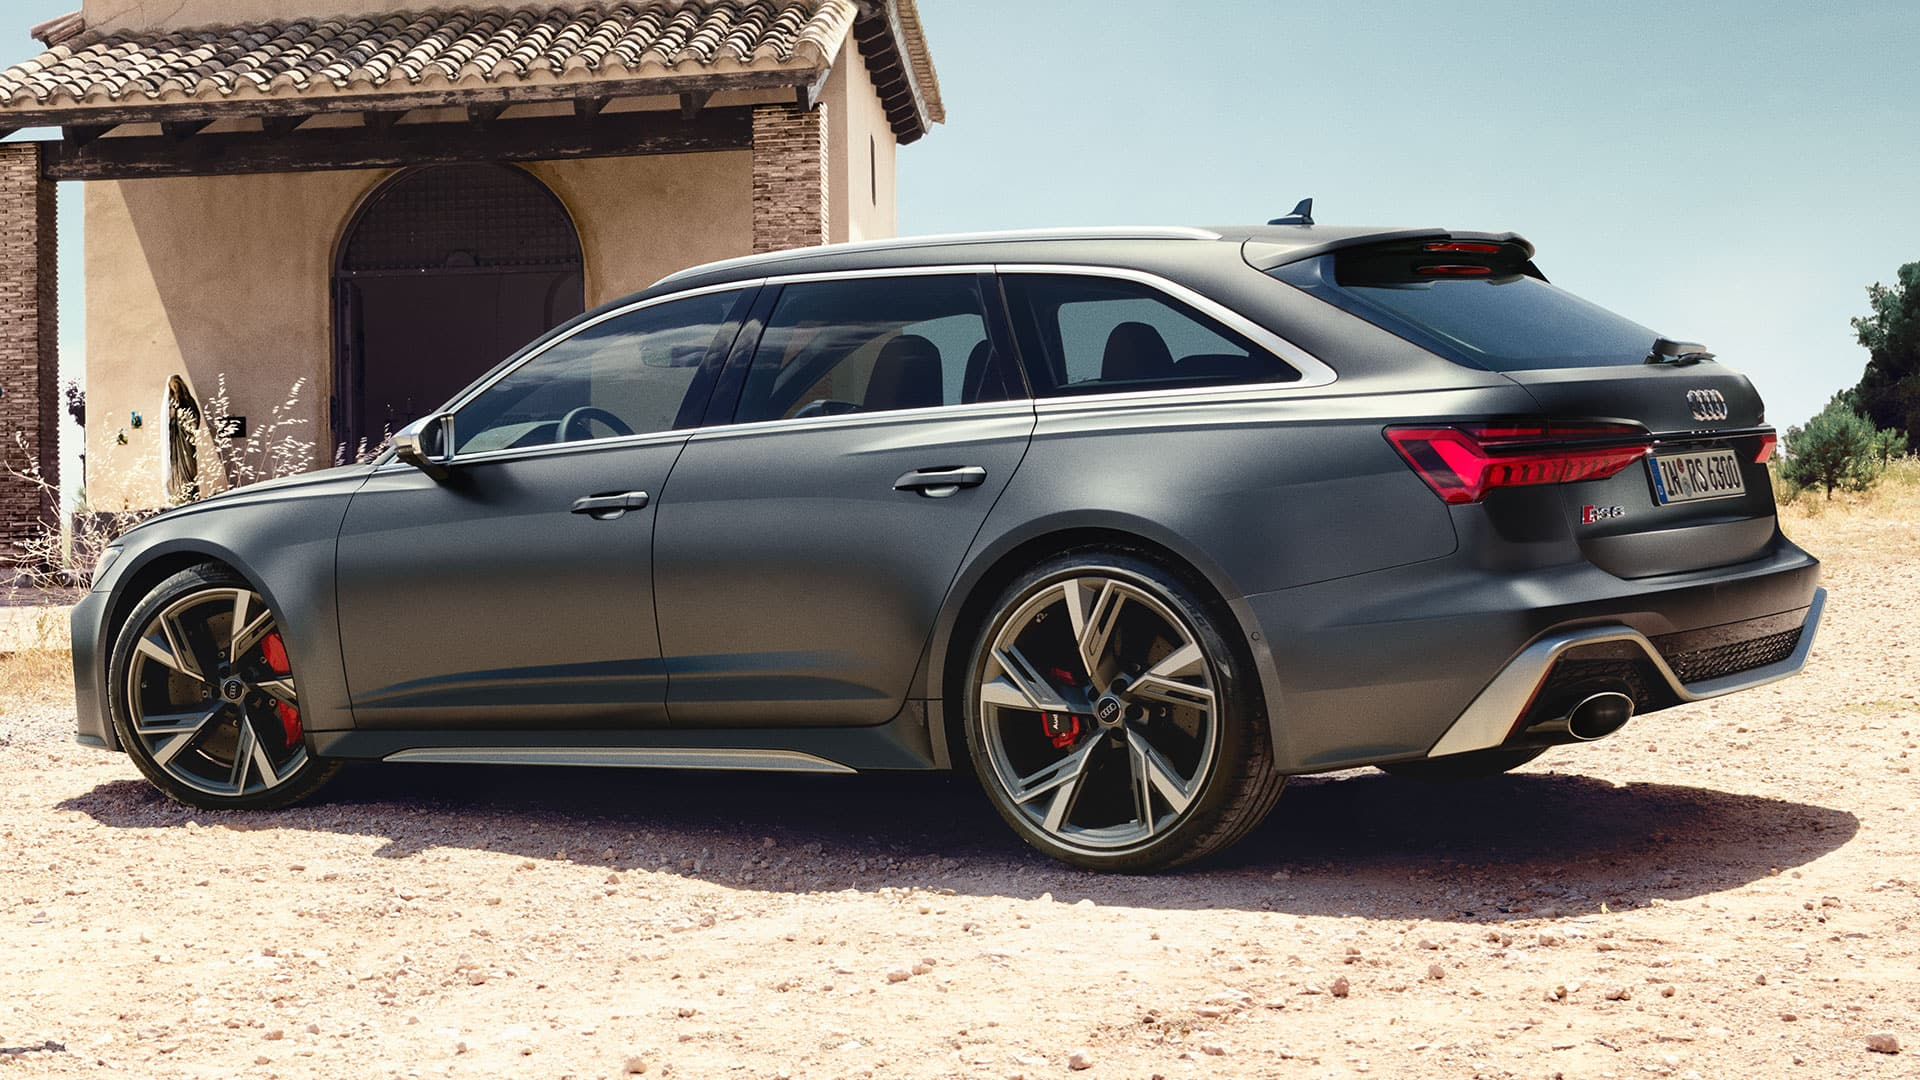 Kelebihan Kekurangan Audi Rs6 Avant Performance Perbandingan Harga